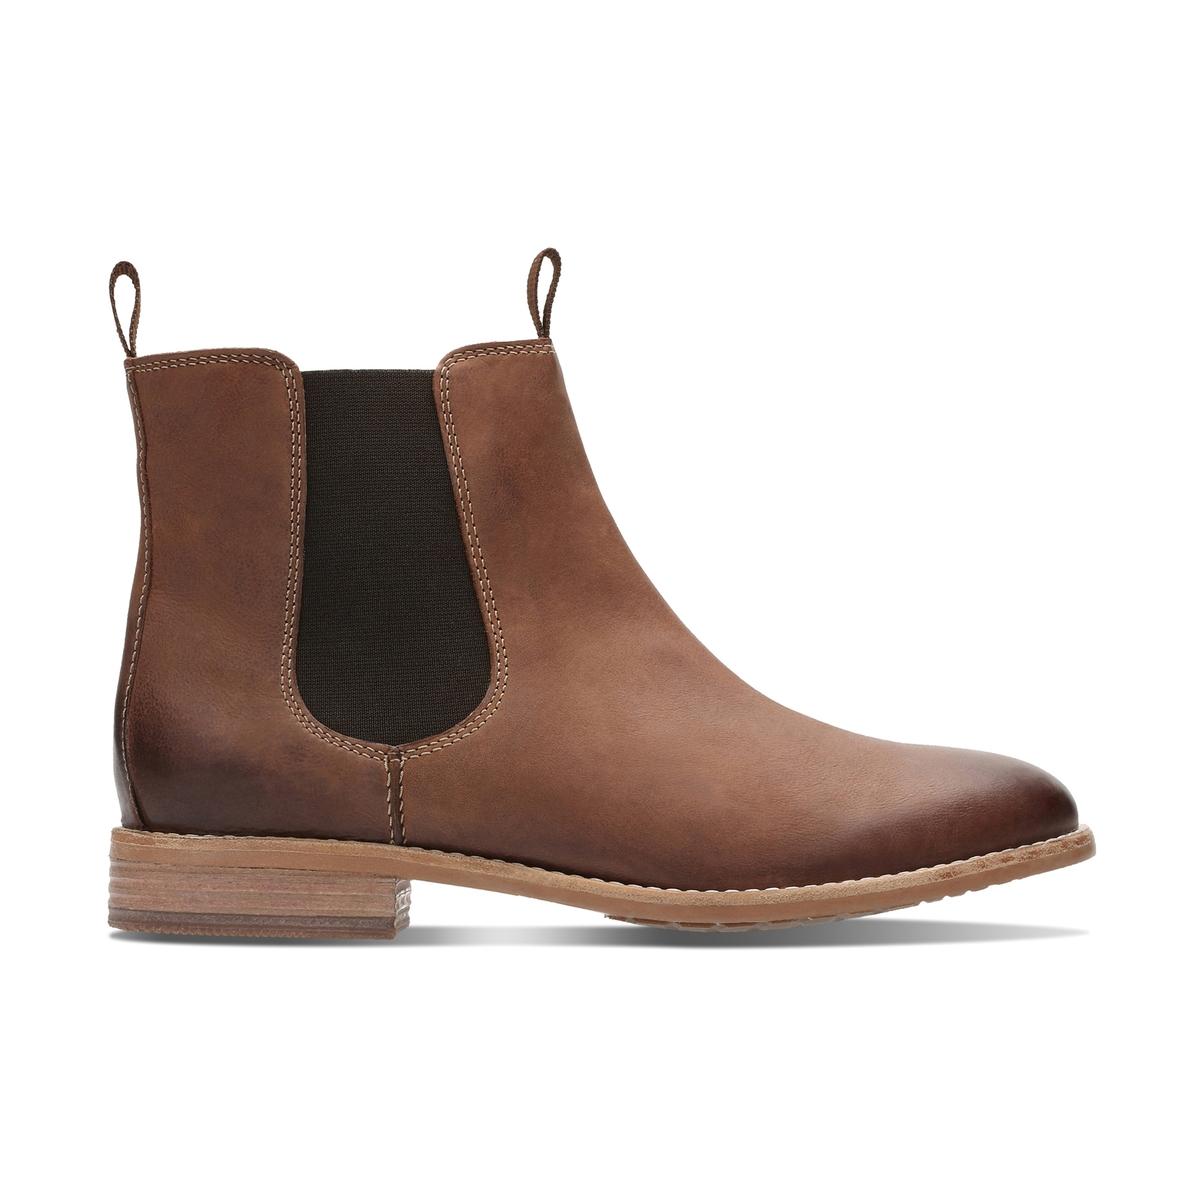 Ботинки-челси кожаные Maypearl Nala купить футбольную форму челси торрес